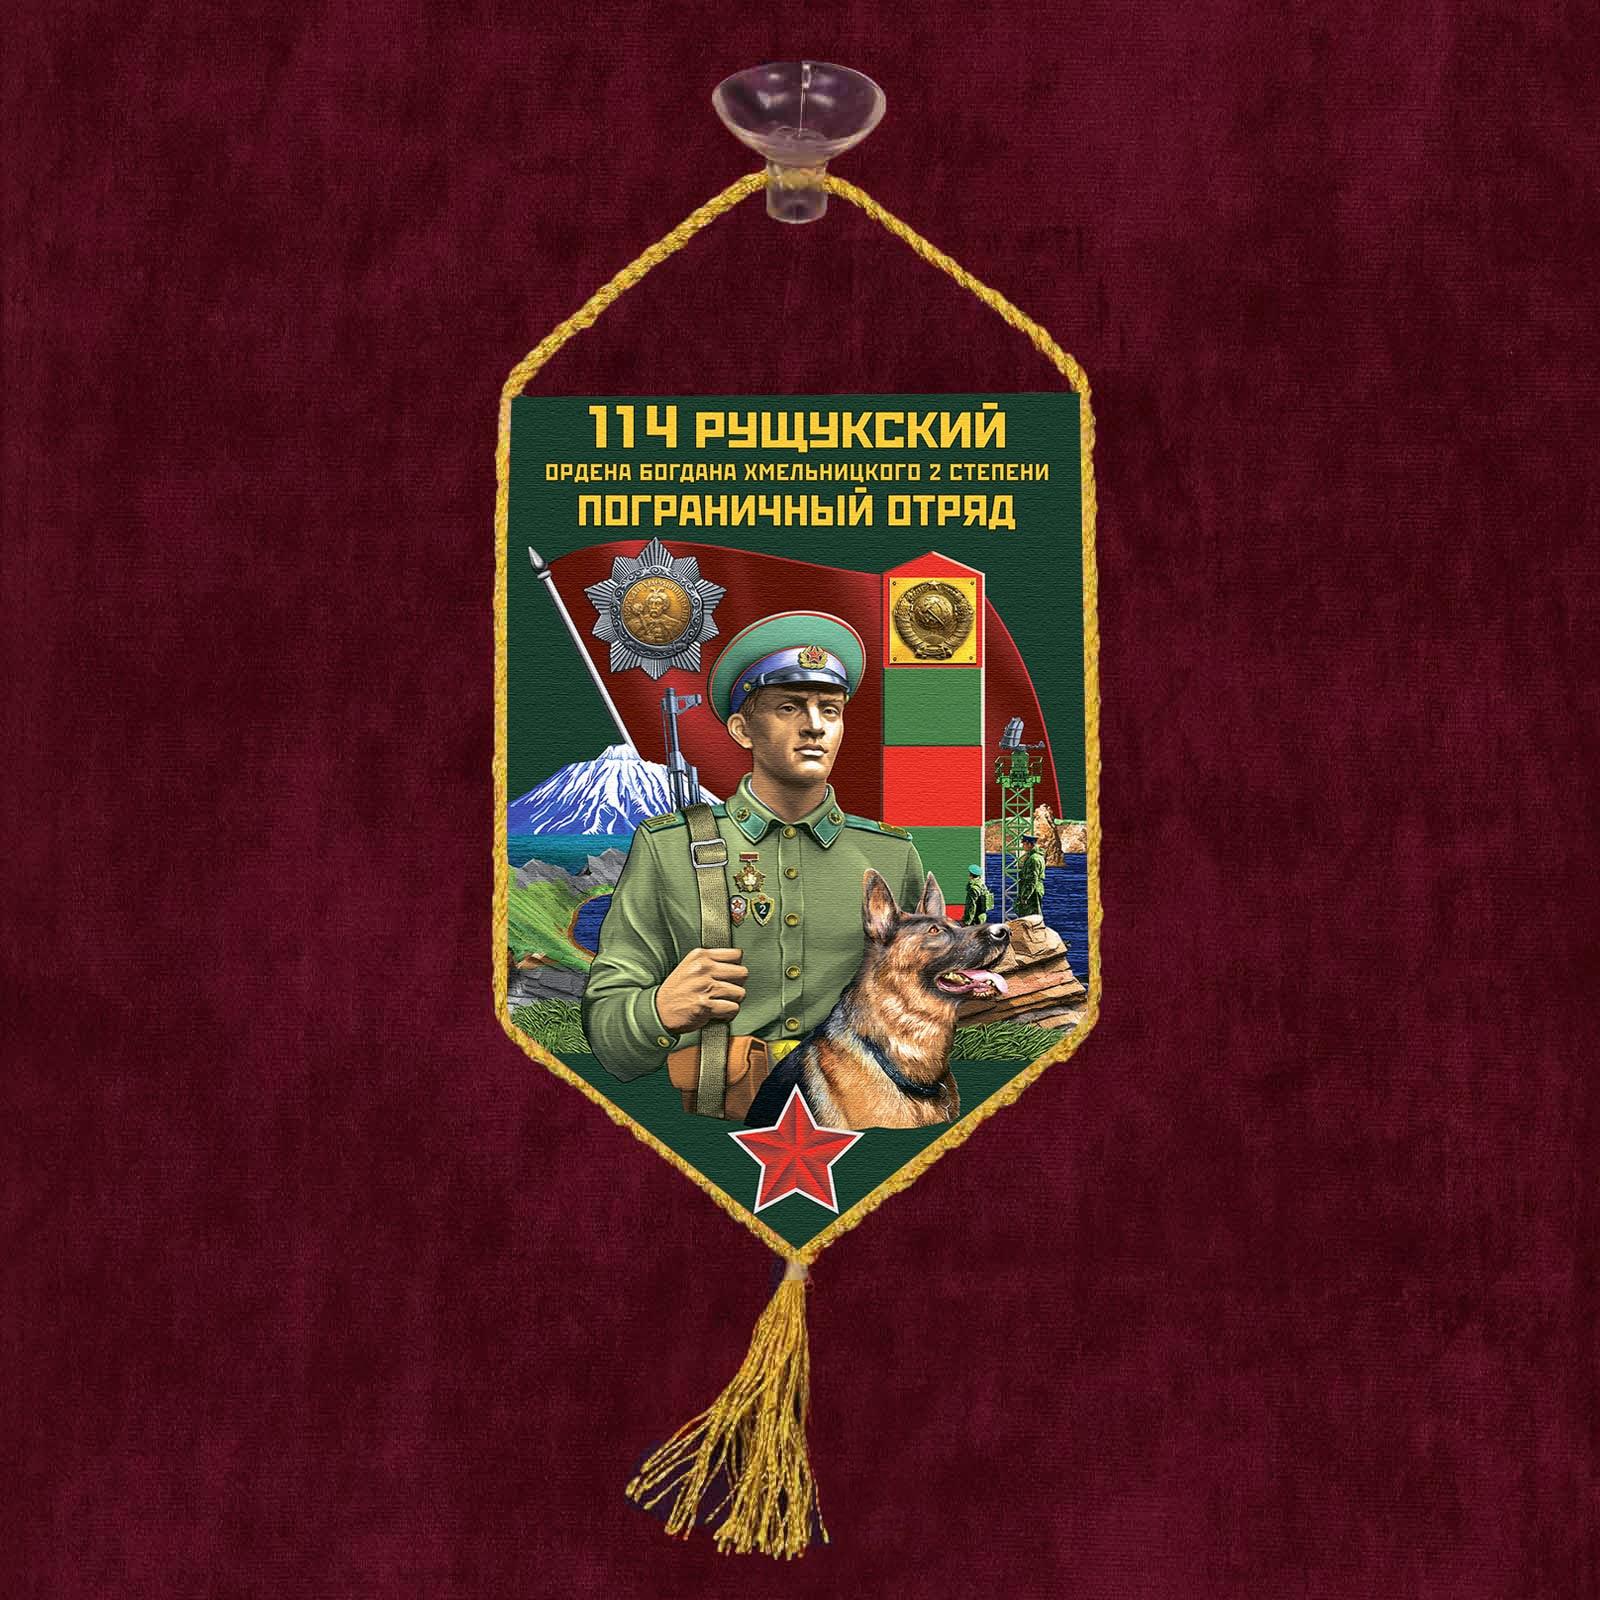 """Автомобильный вымпел """"114 Рущукский пограничный отряд"""""""